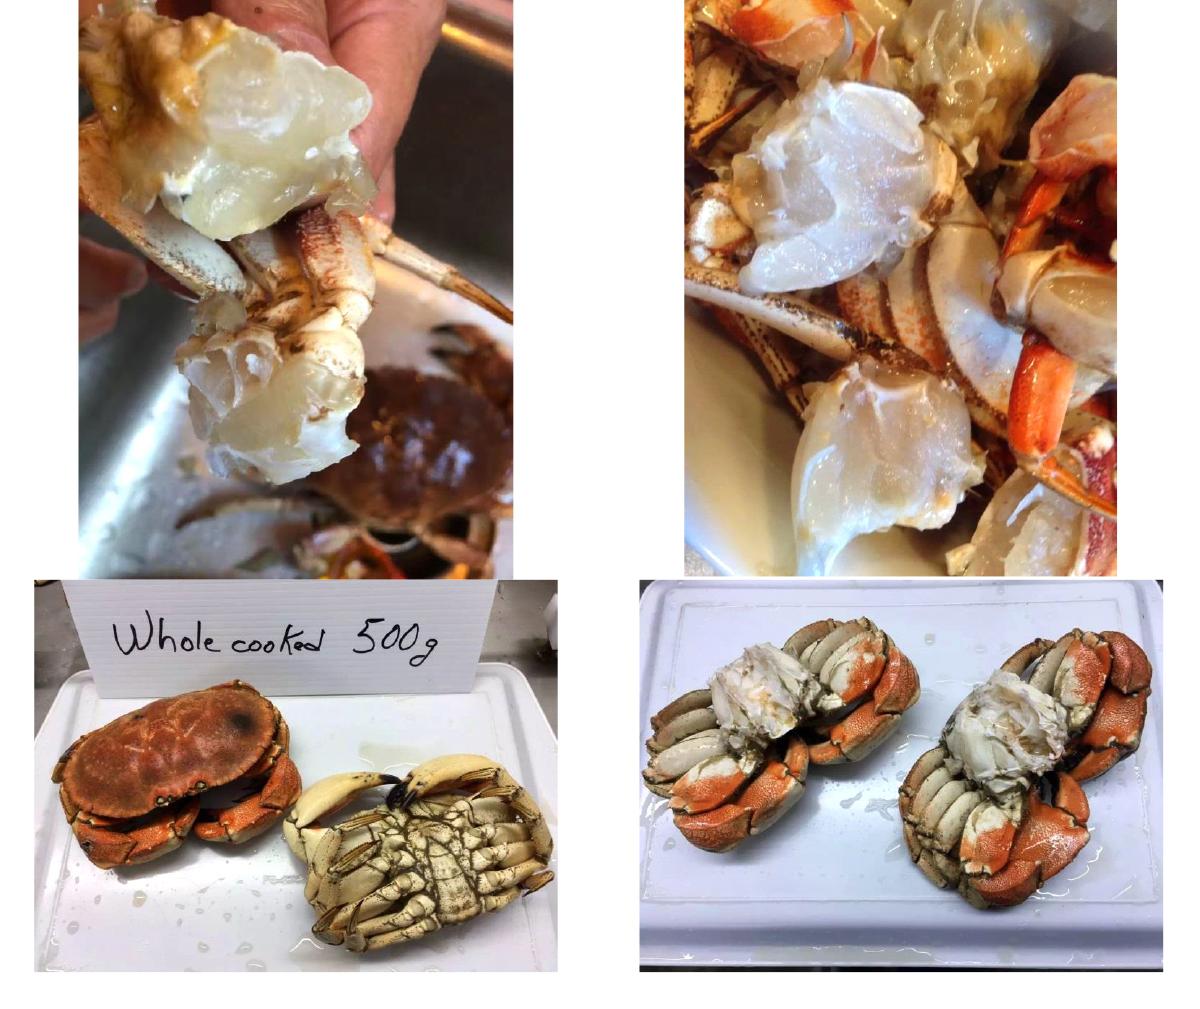 加拿大螃蟹 Jonah Crab